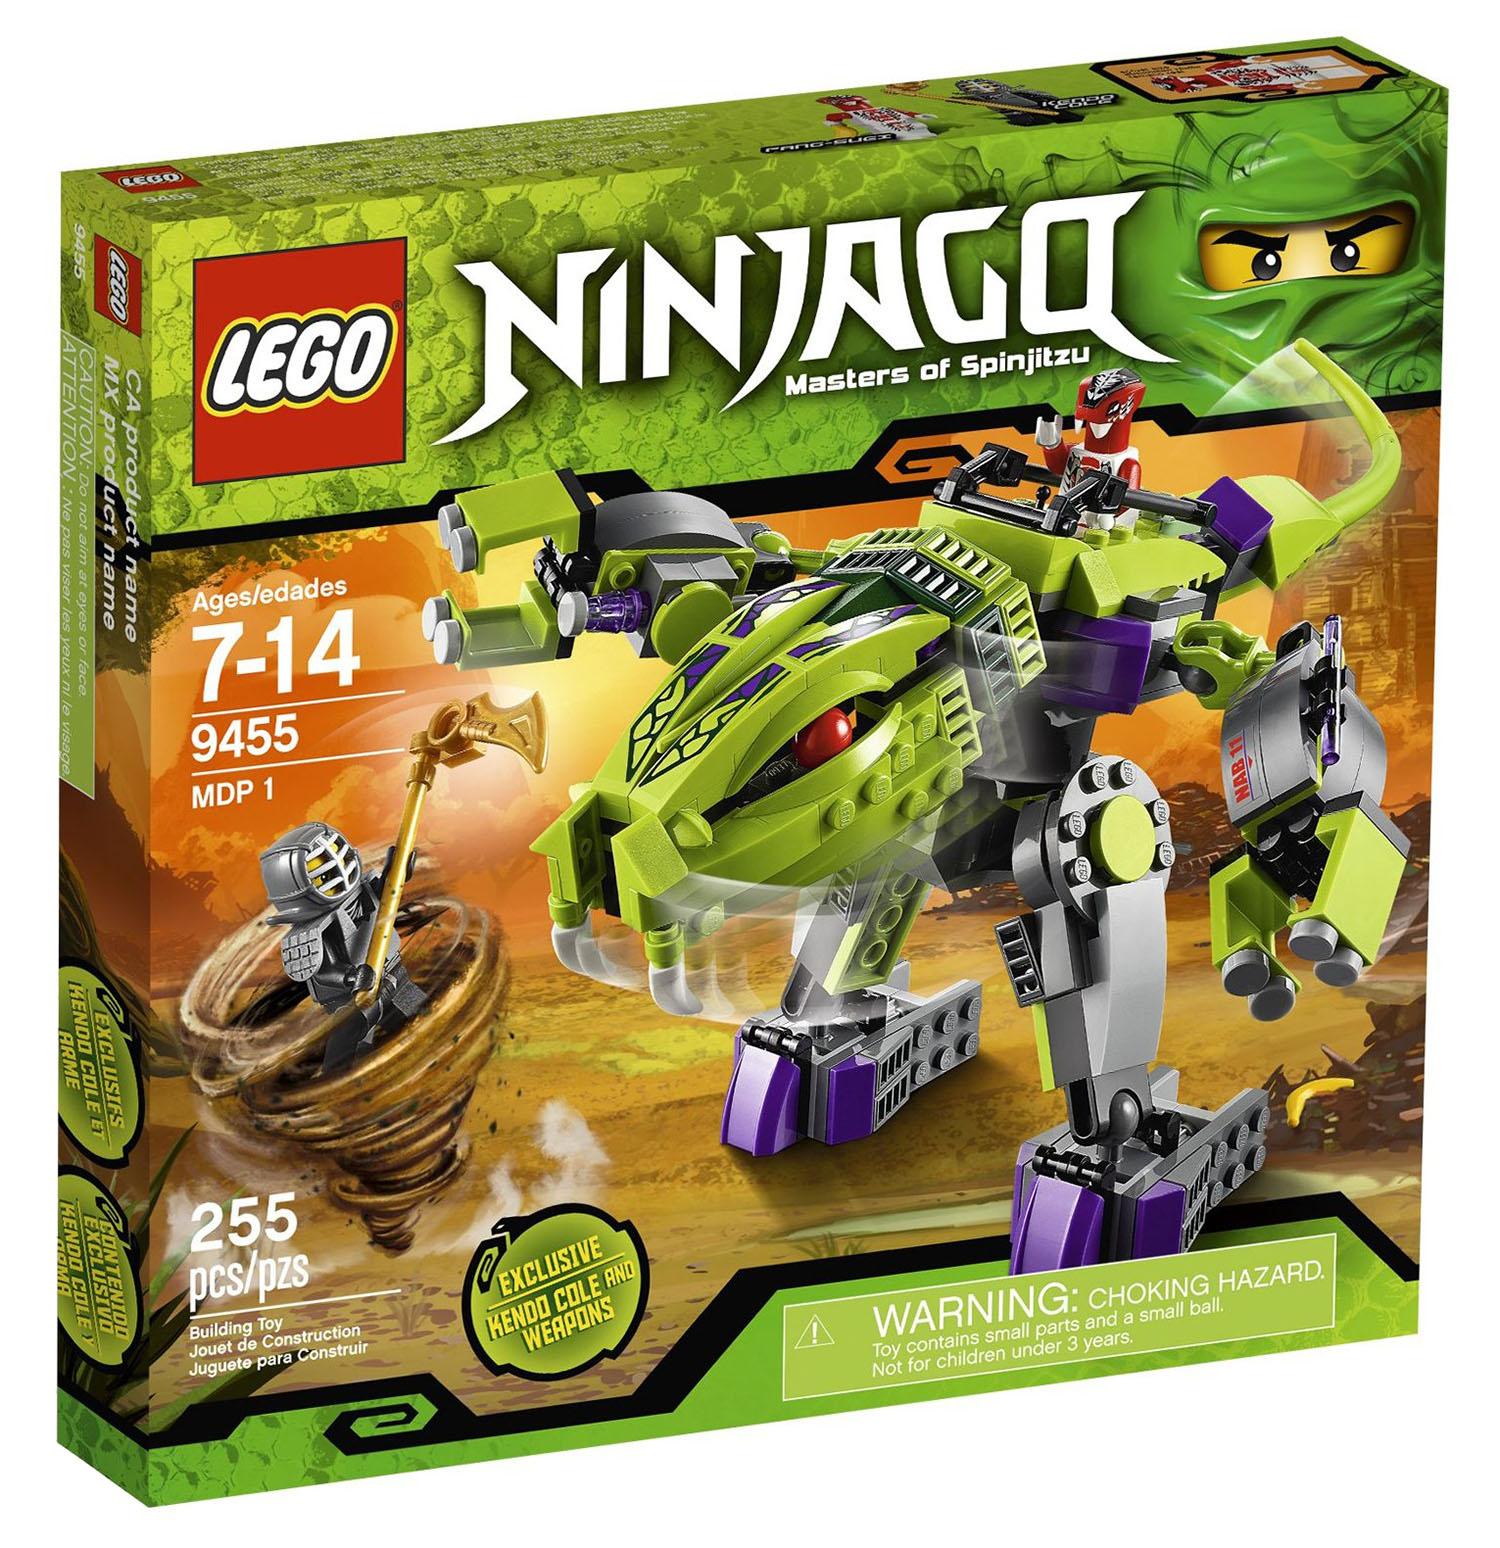 Lego ninjago 9455 pas cher le robot fangpyre - Lego ninjago d or ...